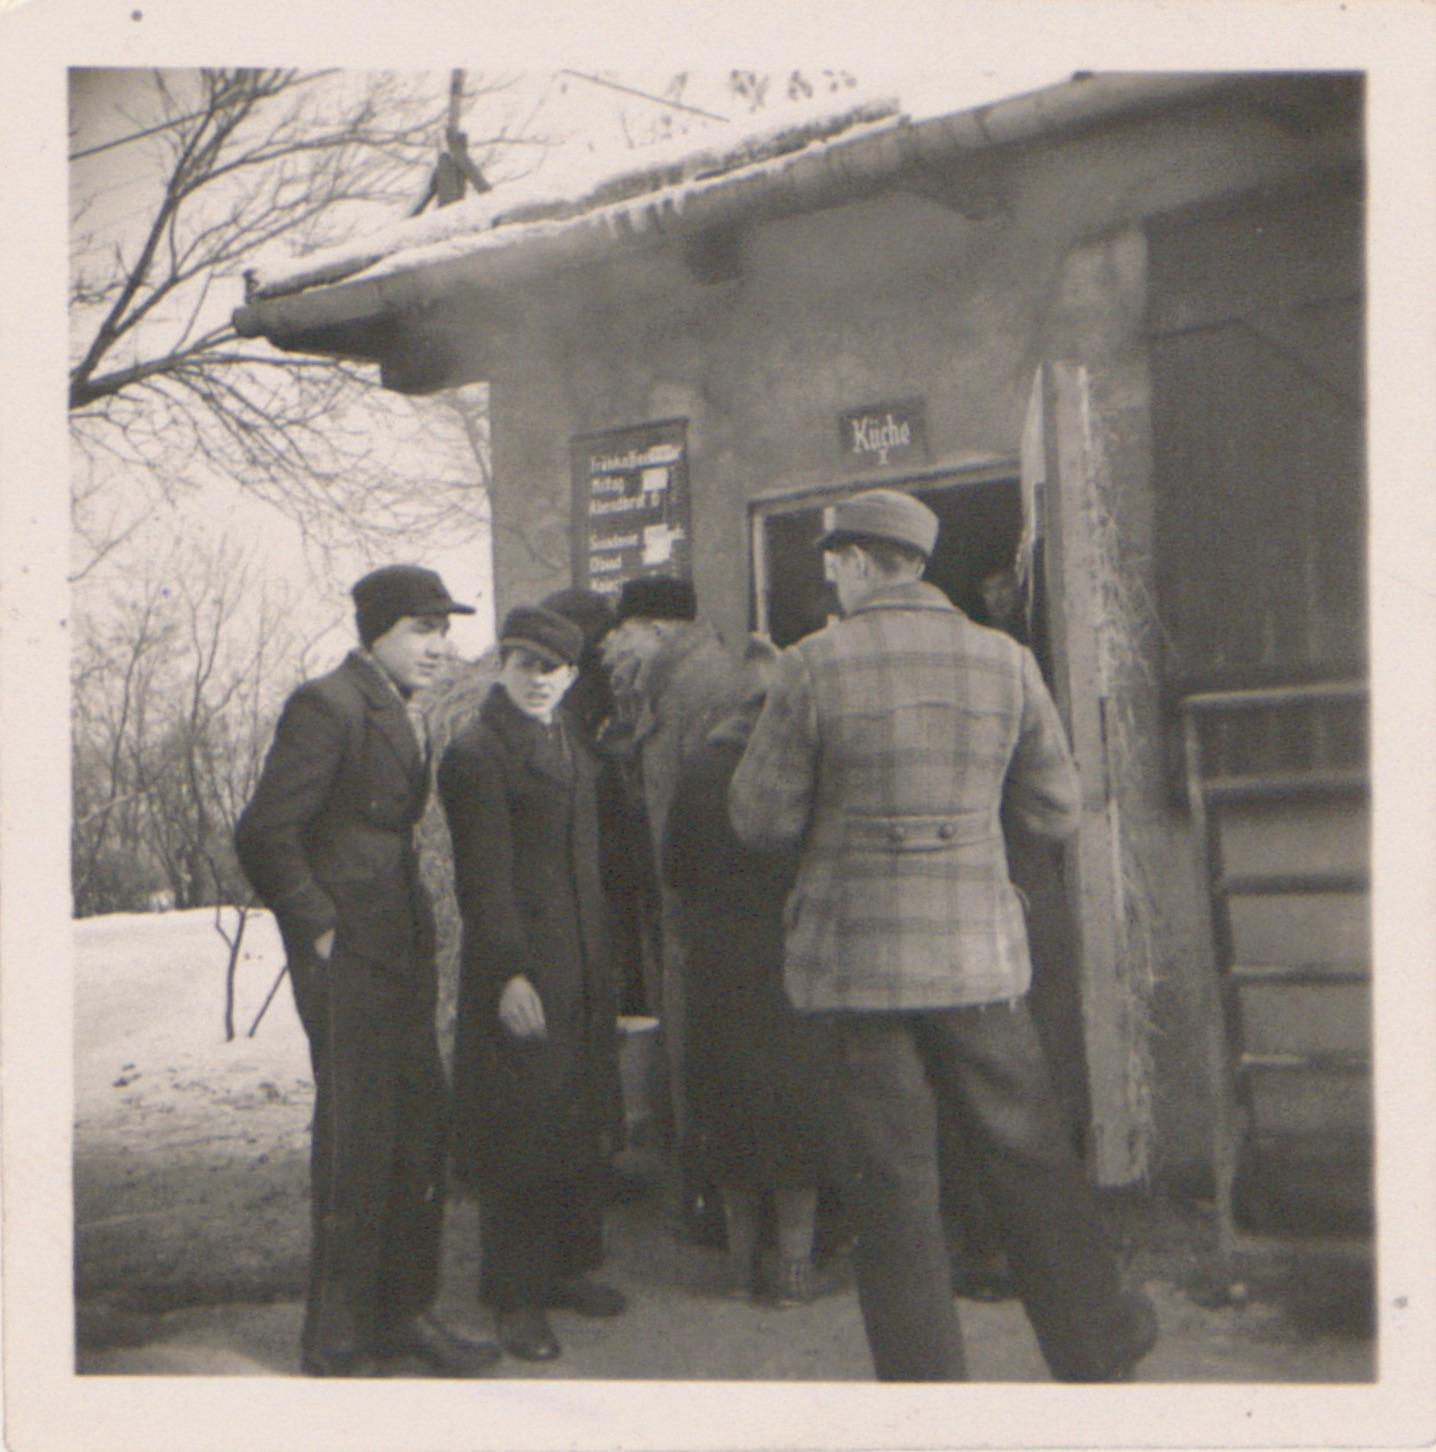 Niemiecki nazistowski obóz przesiedleńczy, działających w latach 1939-1940, zorganizowany dla ludności wysiedlanej z terenu Poznania i Wielkopolski. Na pomieszczenia obozowe wybrano zabudowania położone na Głównej przy ul. Bałtyckiej, gdzie do września 1939 roku mieściły się magazyny wojskowe. W skład obozu wchodziło pięć baraków (w tym trzy drewniane), a także murowany budynek administracji niemieckiej oraz zabudowania gospodarcze. Cały teren, łącznie z dużym placem, znajdującym się pośrodku, otoczony był potrójnym płotem z drutu kolczastego, a w jego narożnikach stały wieże wartownicze z reflektorami. W okresie od 5 listopada 1939 roku do 20 maja 1940 roku w obozie przejściowym na Głównej osadzonych zostało ok. 33 500 osób, z których 32 986 wywieziono do Generalnego Gubernatorstwa. Było wśród nich 31 424 Polaków, 1112 Żydów oraz 450 Romów. Przy ulicy Bałtyckiej, obok skrzyżowania z ul. Chemiczną i ul. Hlonda stoi głaz upamiętniający przesiedleńców.